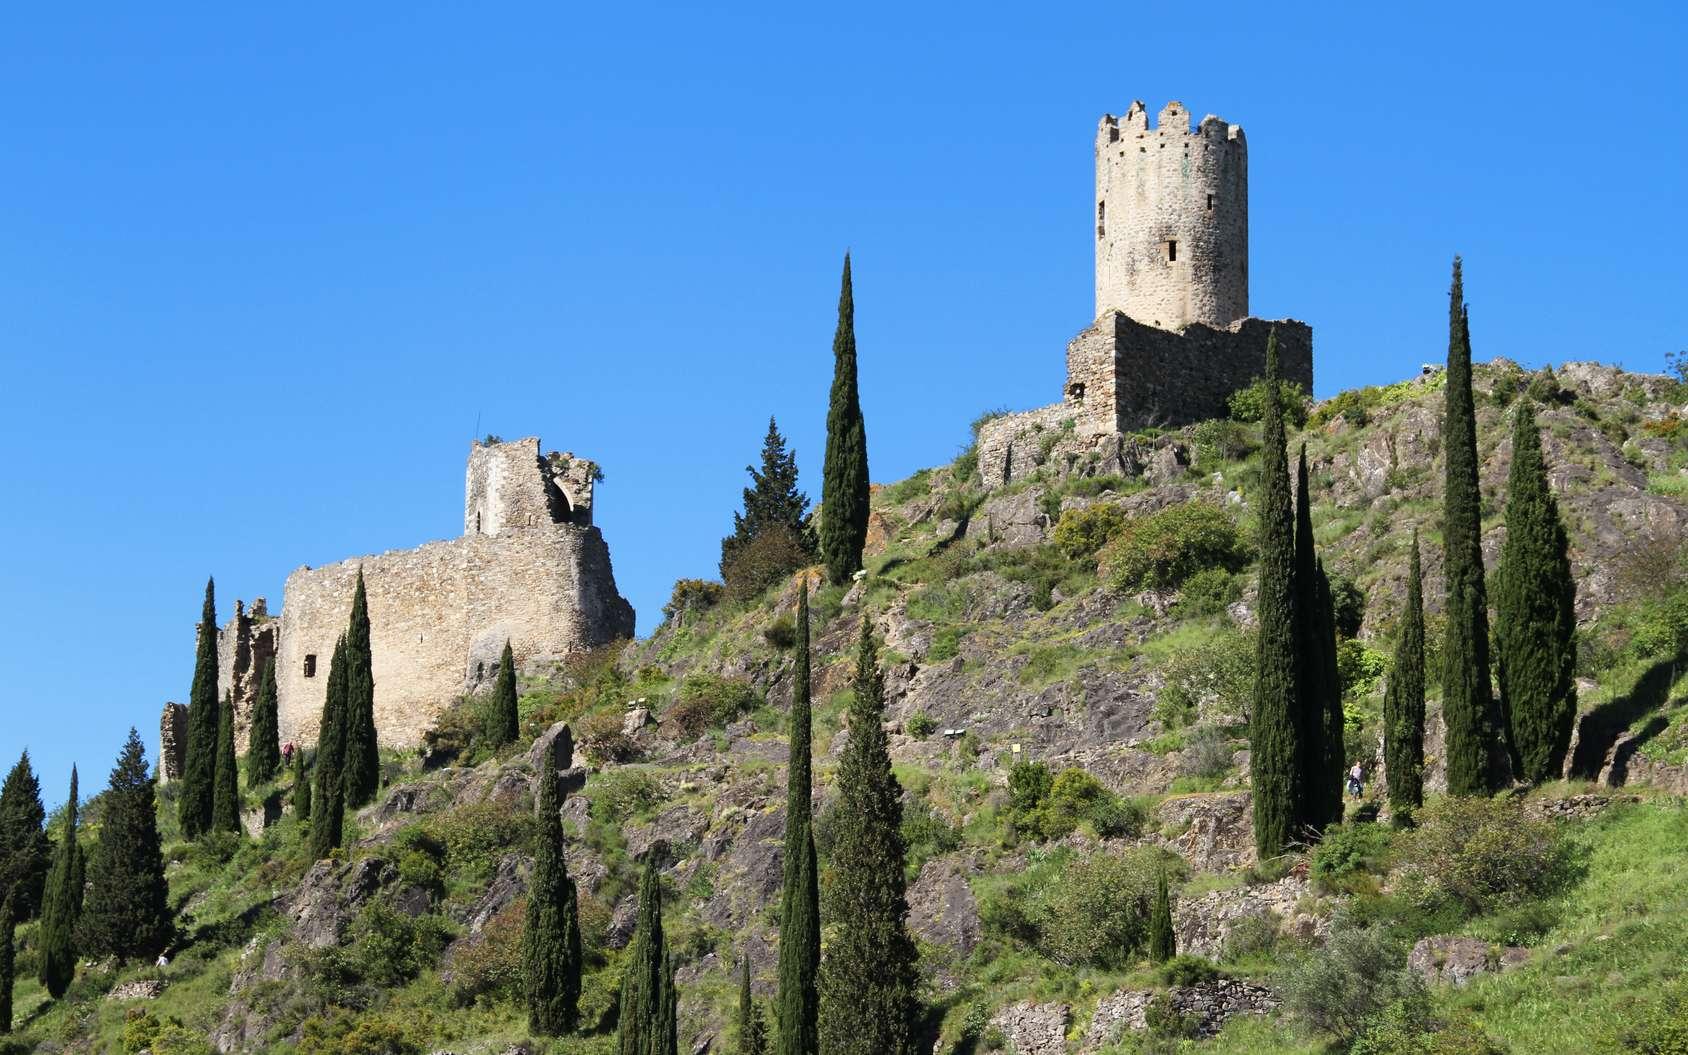 Vestige d'une forteresse en pays cathare. © stephane41, Fotolia